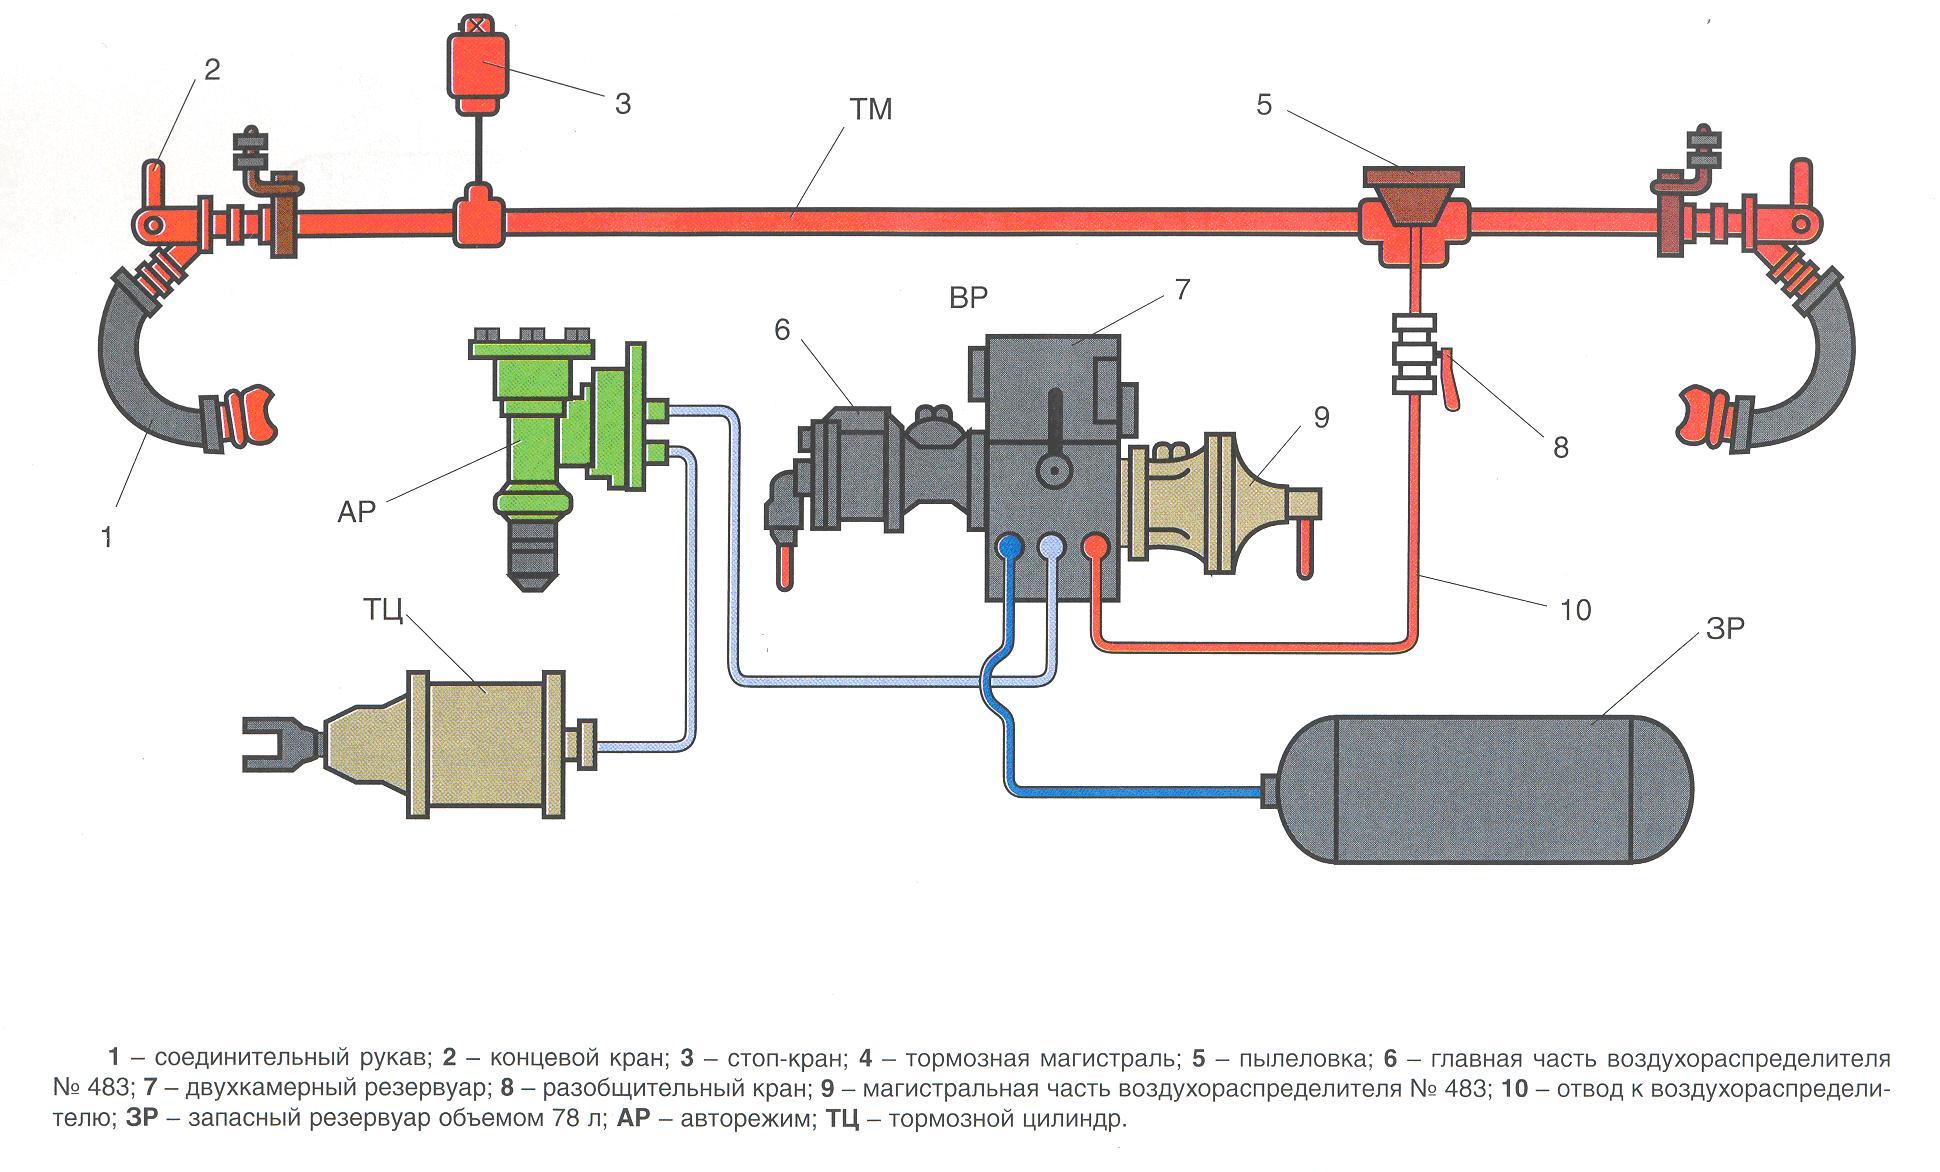 Инструкции по ремонту тормозного оборудования вагонов